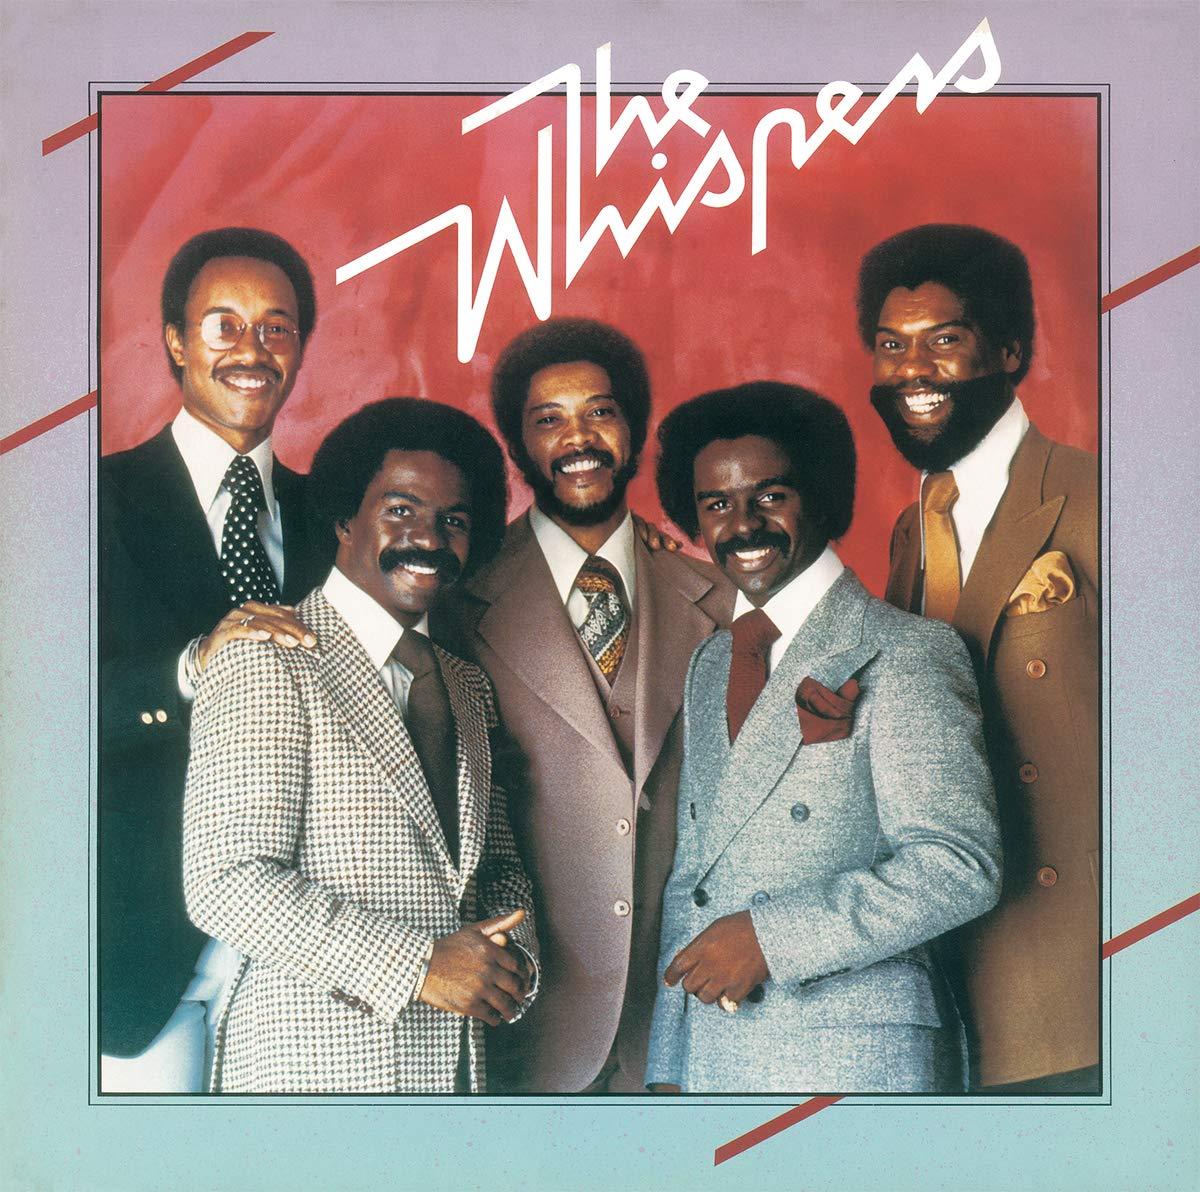 CD : The Whispers - Whispers (Bonus Tracks, Remastered, Japan - Import)